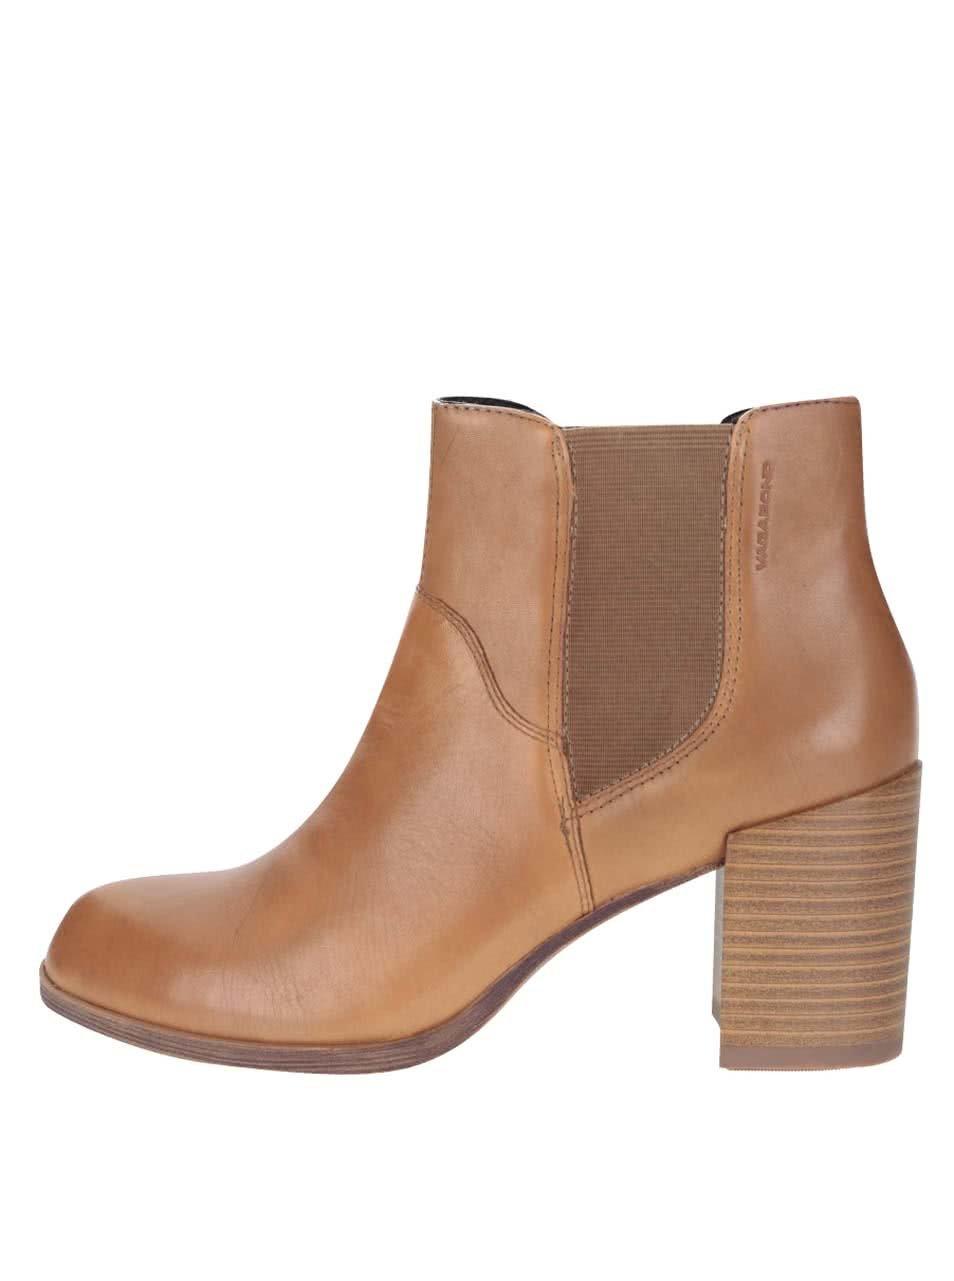 Hnědé kožené chelsea boty na podpatku Vagabond Anna